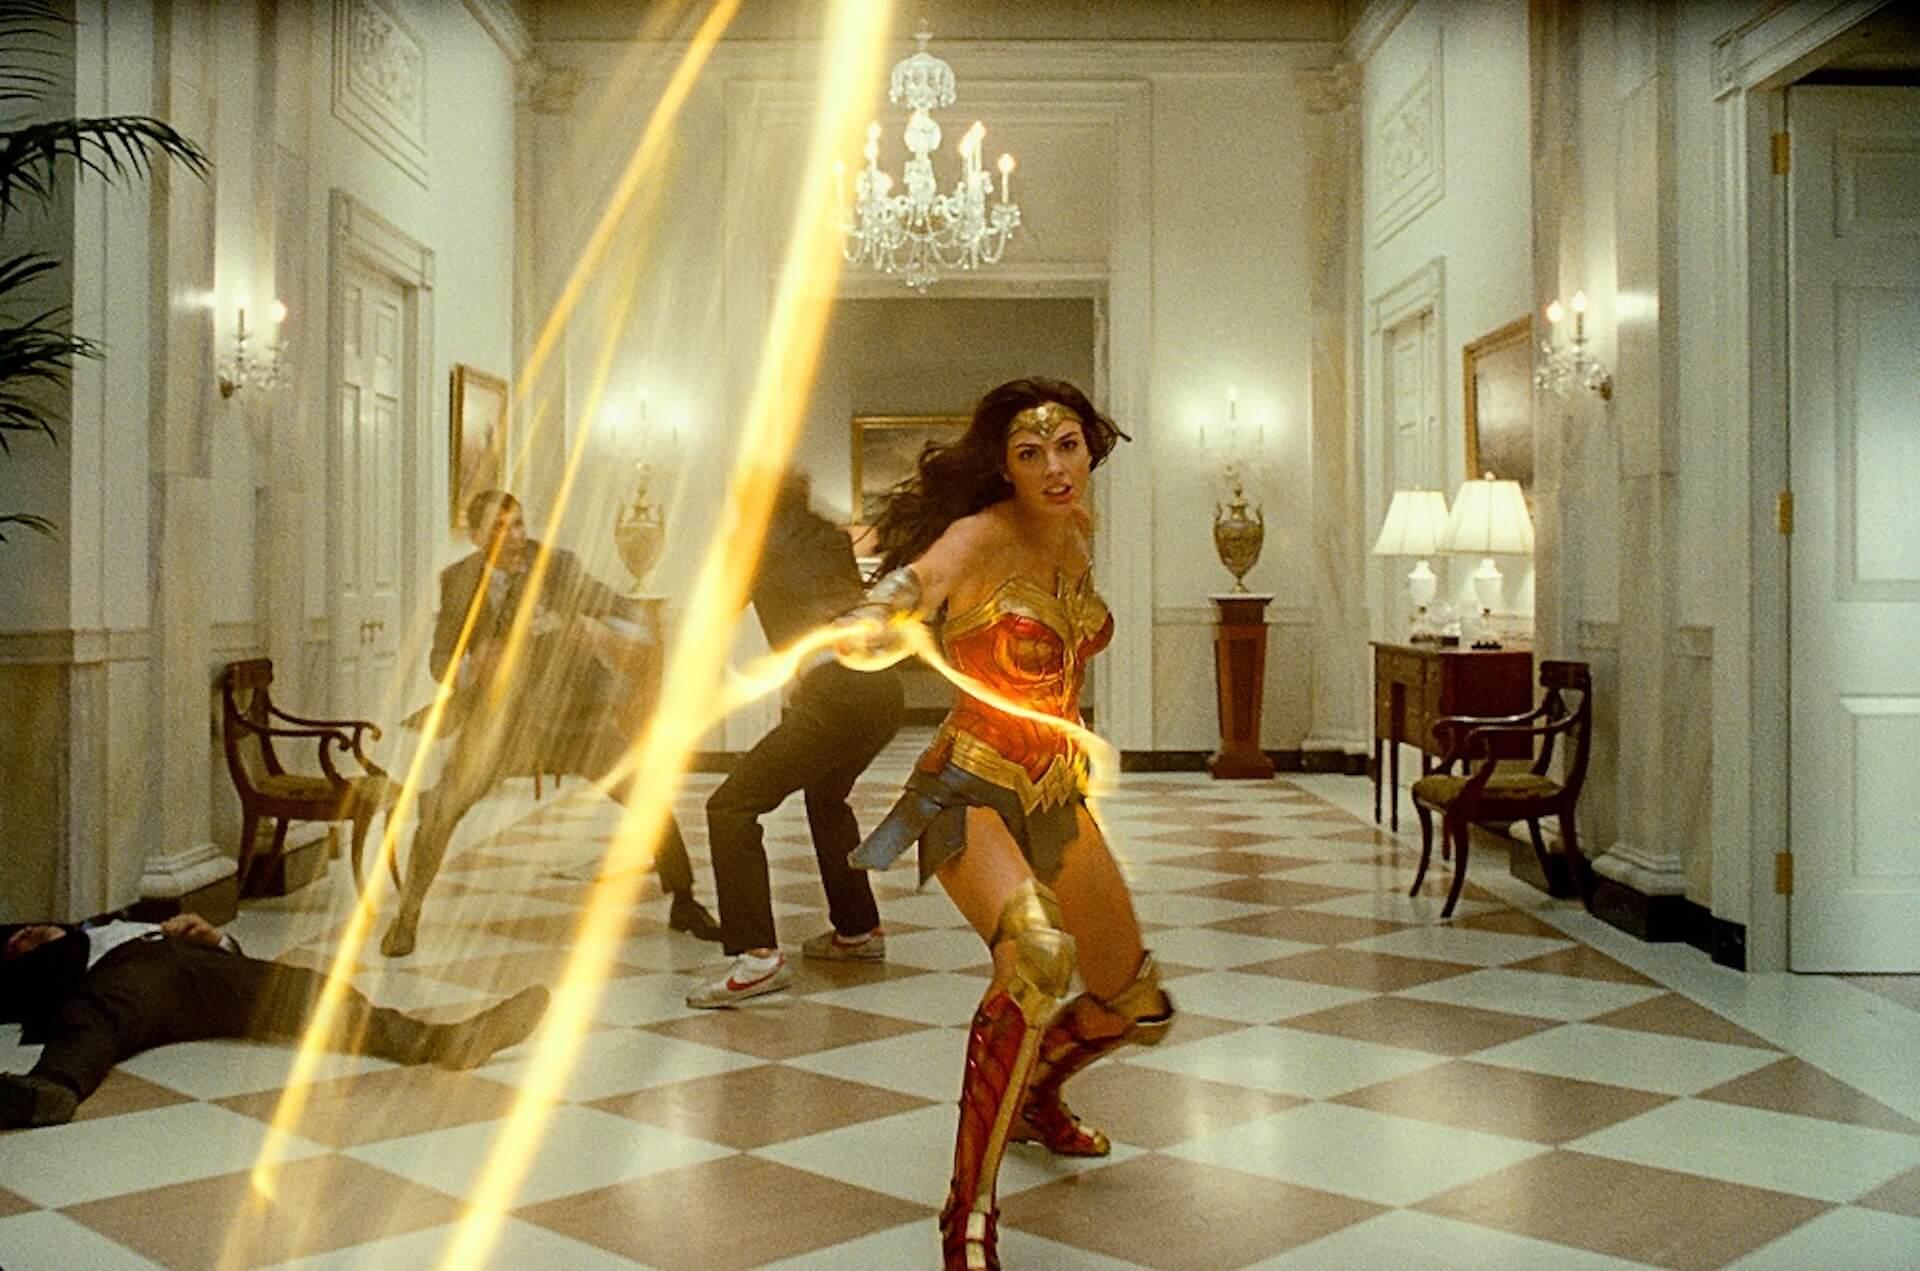 『ワンダーウーマン 1984』主演ガル・ガドットがゴールドアーマー姿の華麗なアクションで魅せる!2枚の激アツ場面写真が解禁 film200804_wonderwoman1984_1